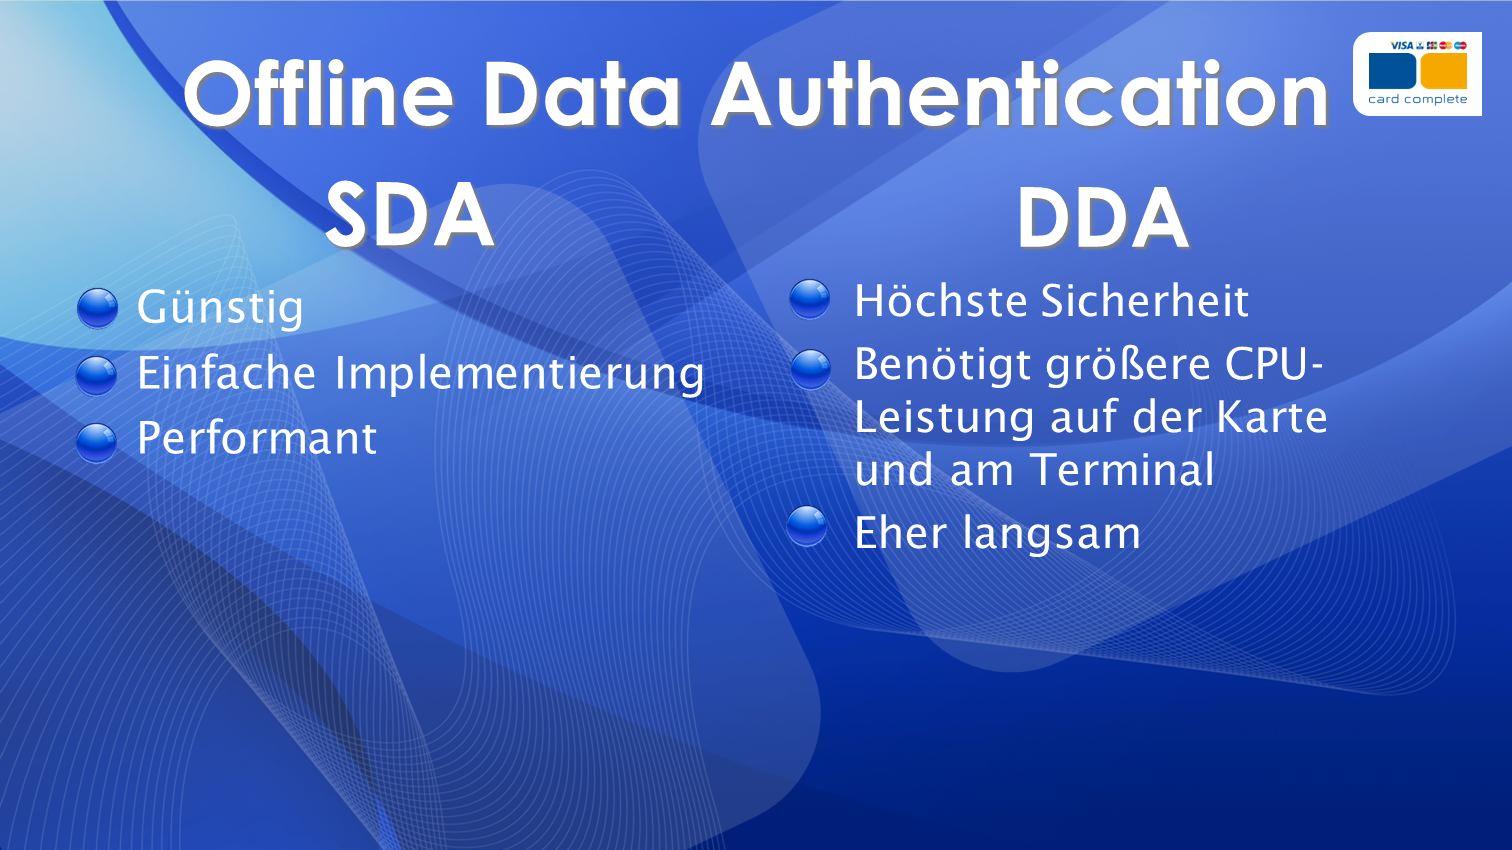 Offline Data Authentication SDA Günstig Einfache Implementierung Performant DDA Höchste Sicherheit Benötigt größere CPU- Leistung auf der Karte und am